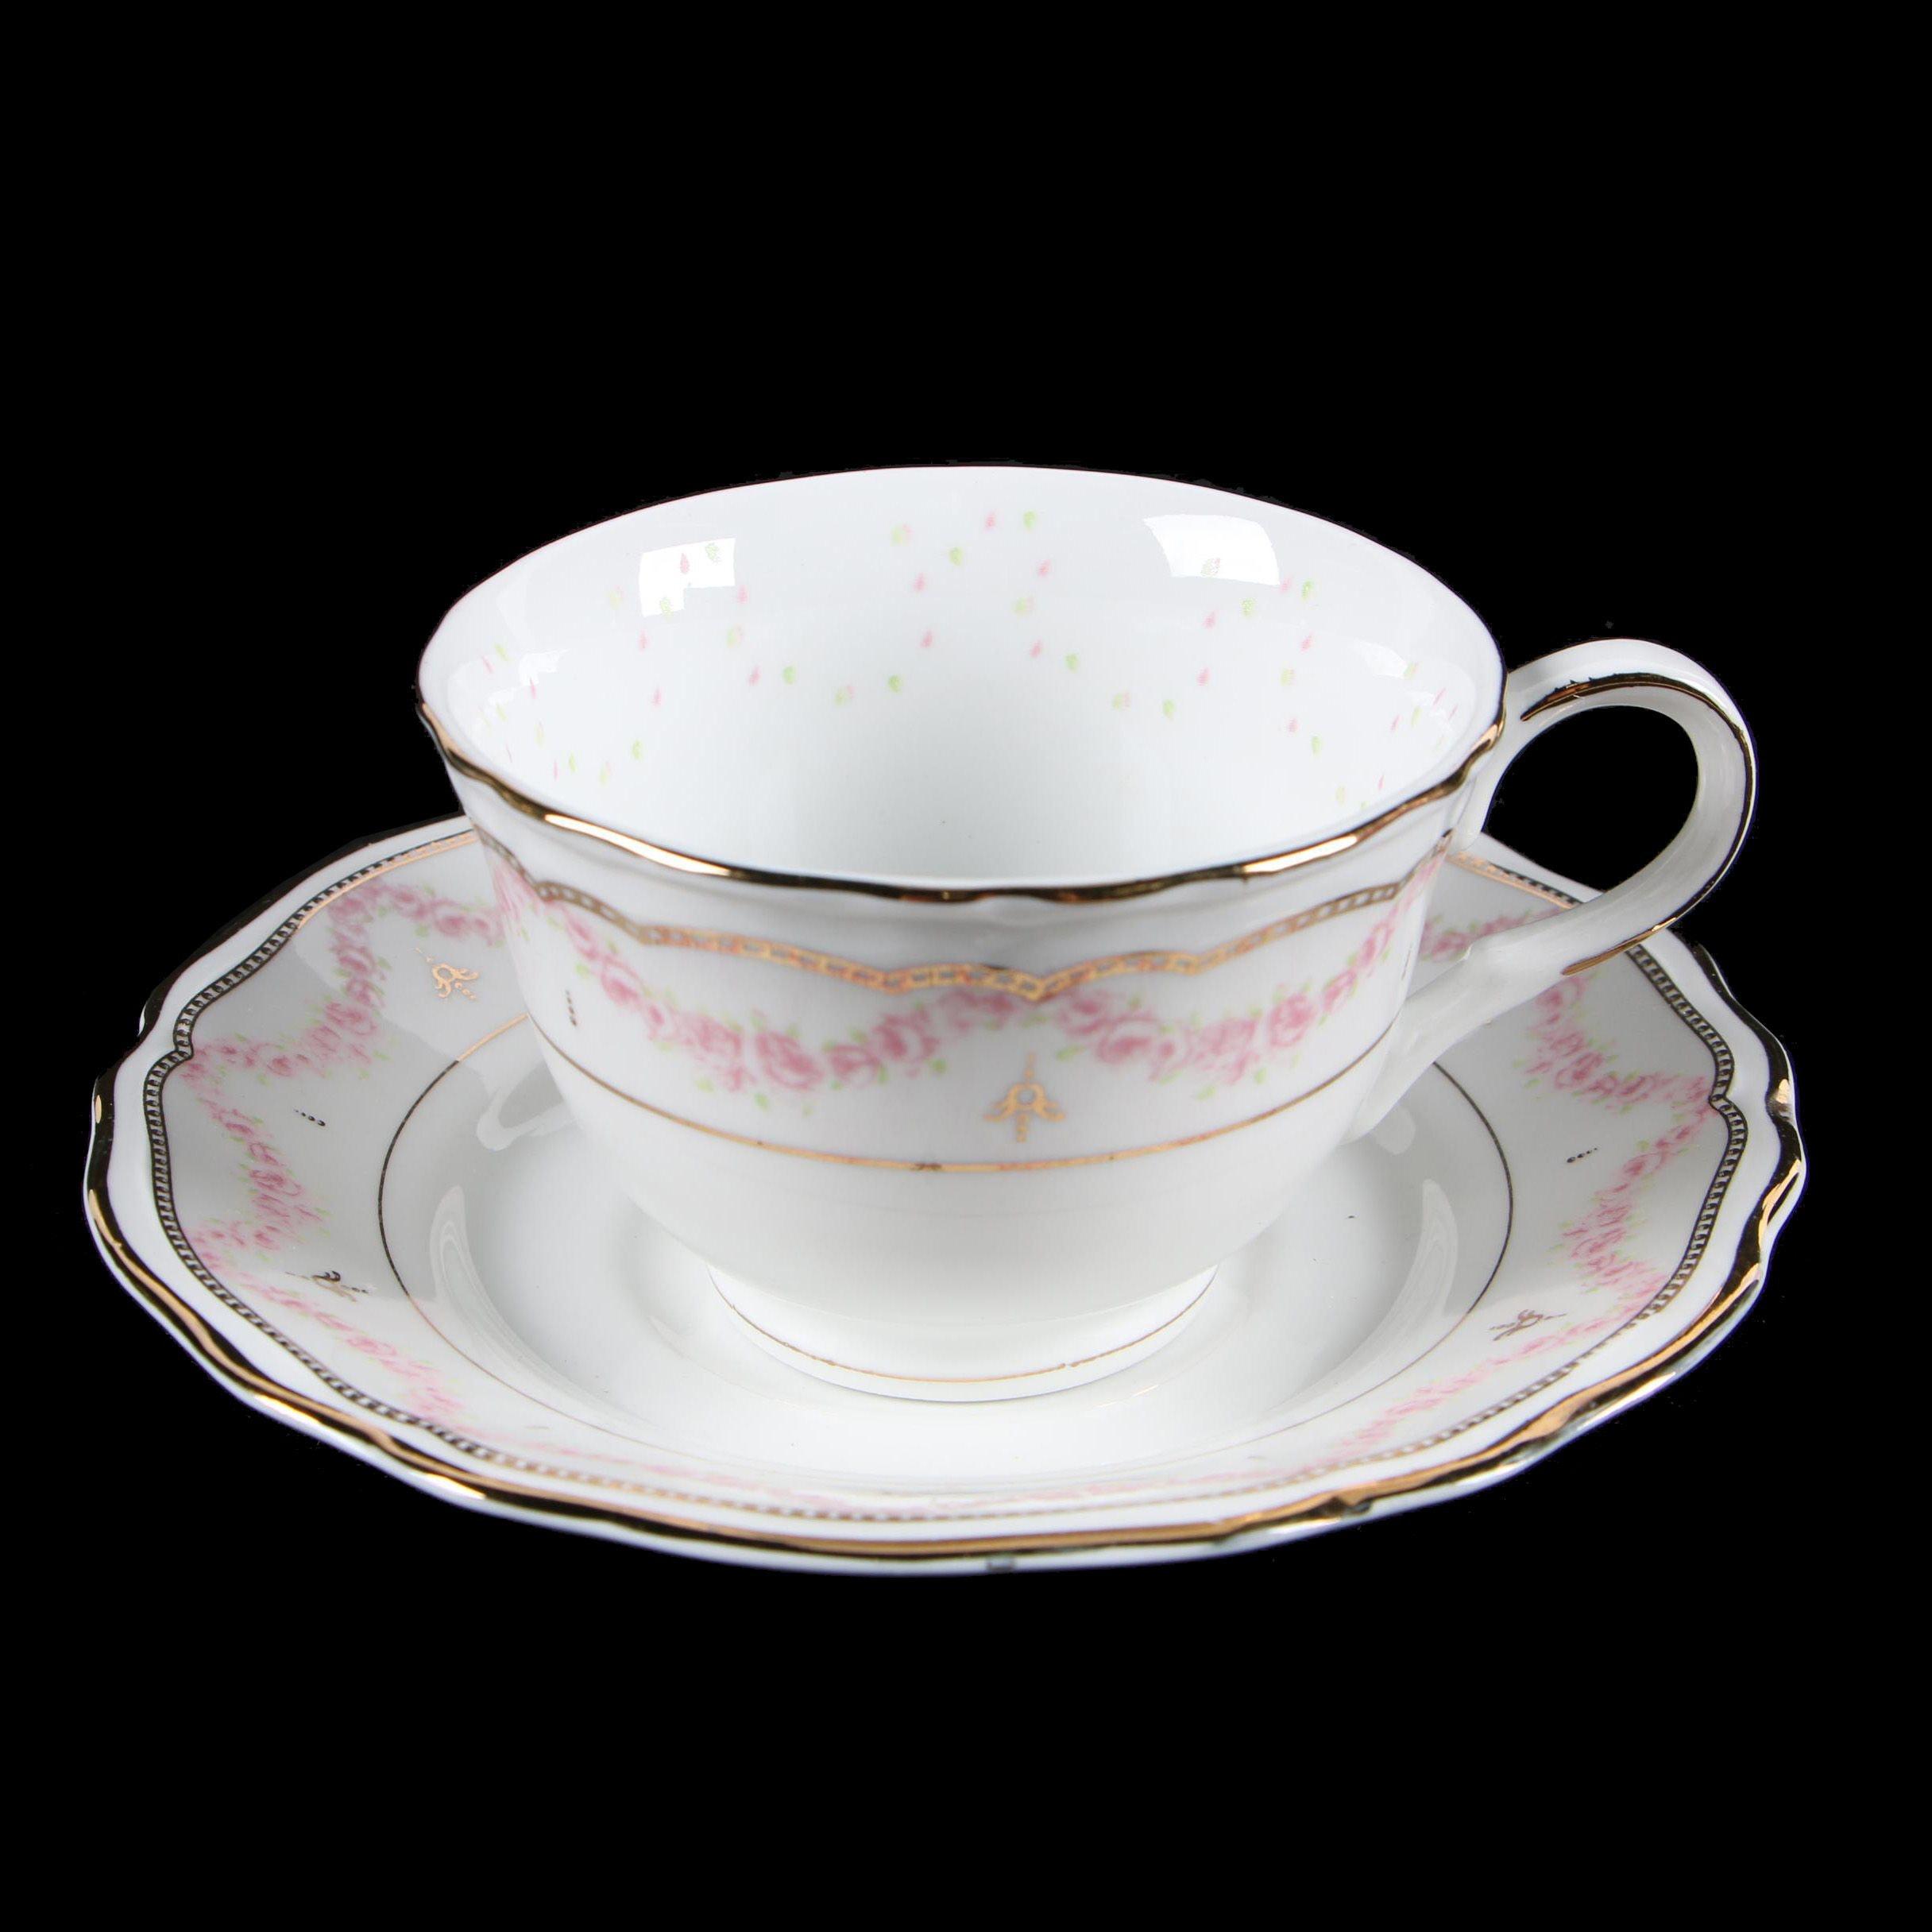 """Paul Burrell """"Royal Butler"""" Bone China Teacup and Saucer"""